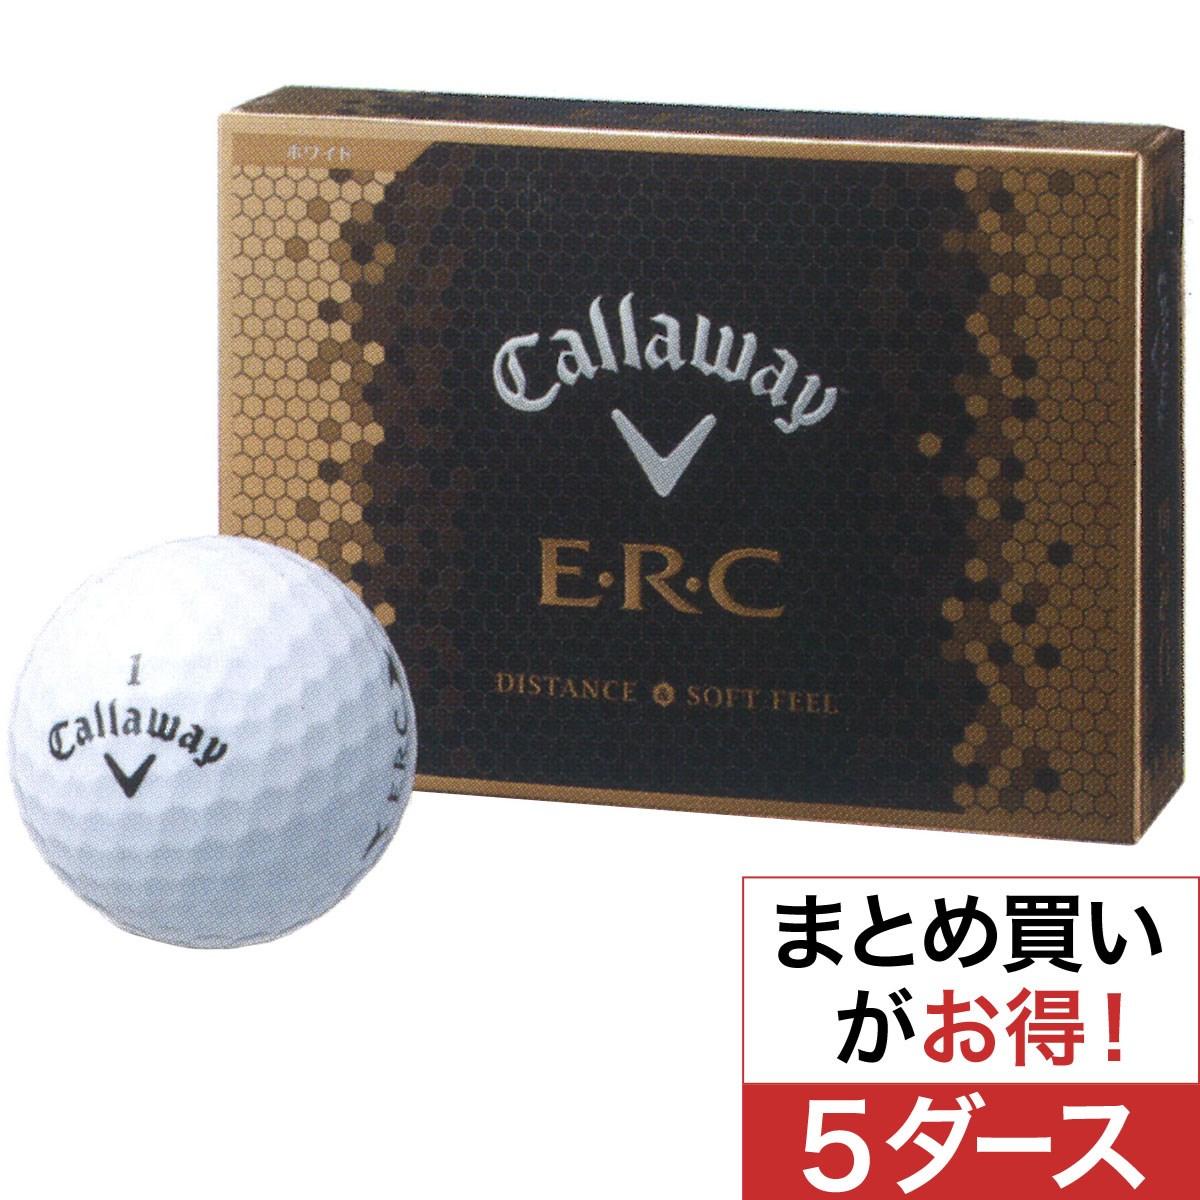 キャロウェイゴルフ(Callaway Golf) NEW ERC ボール 2016年モデル 5ダースセット